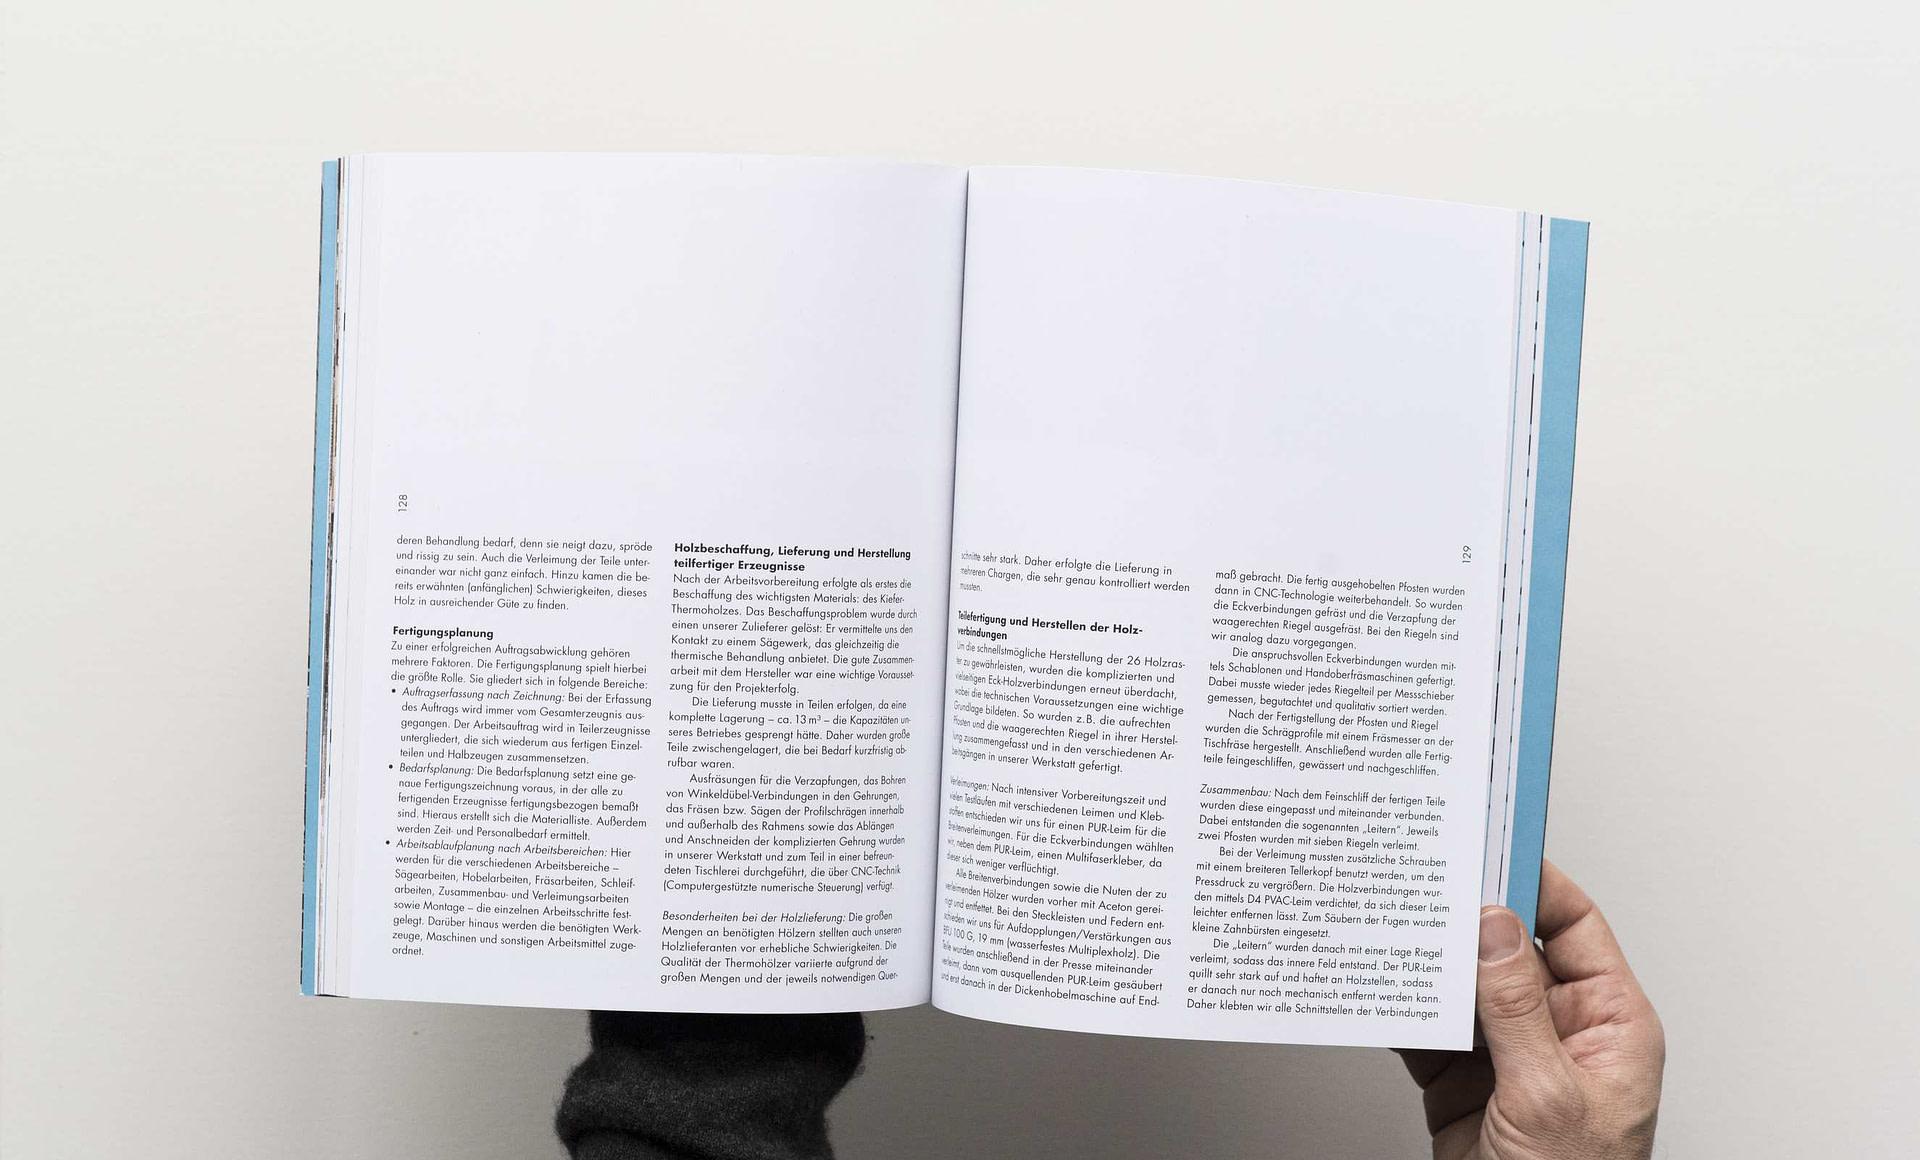 kaiser-wilhelm-memorial-church-book-14-2650x1600px